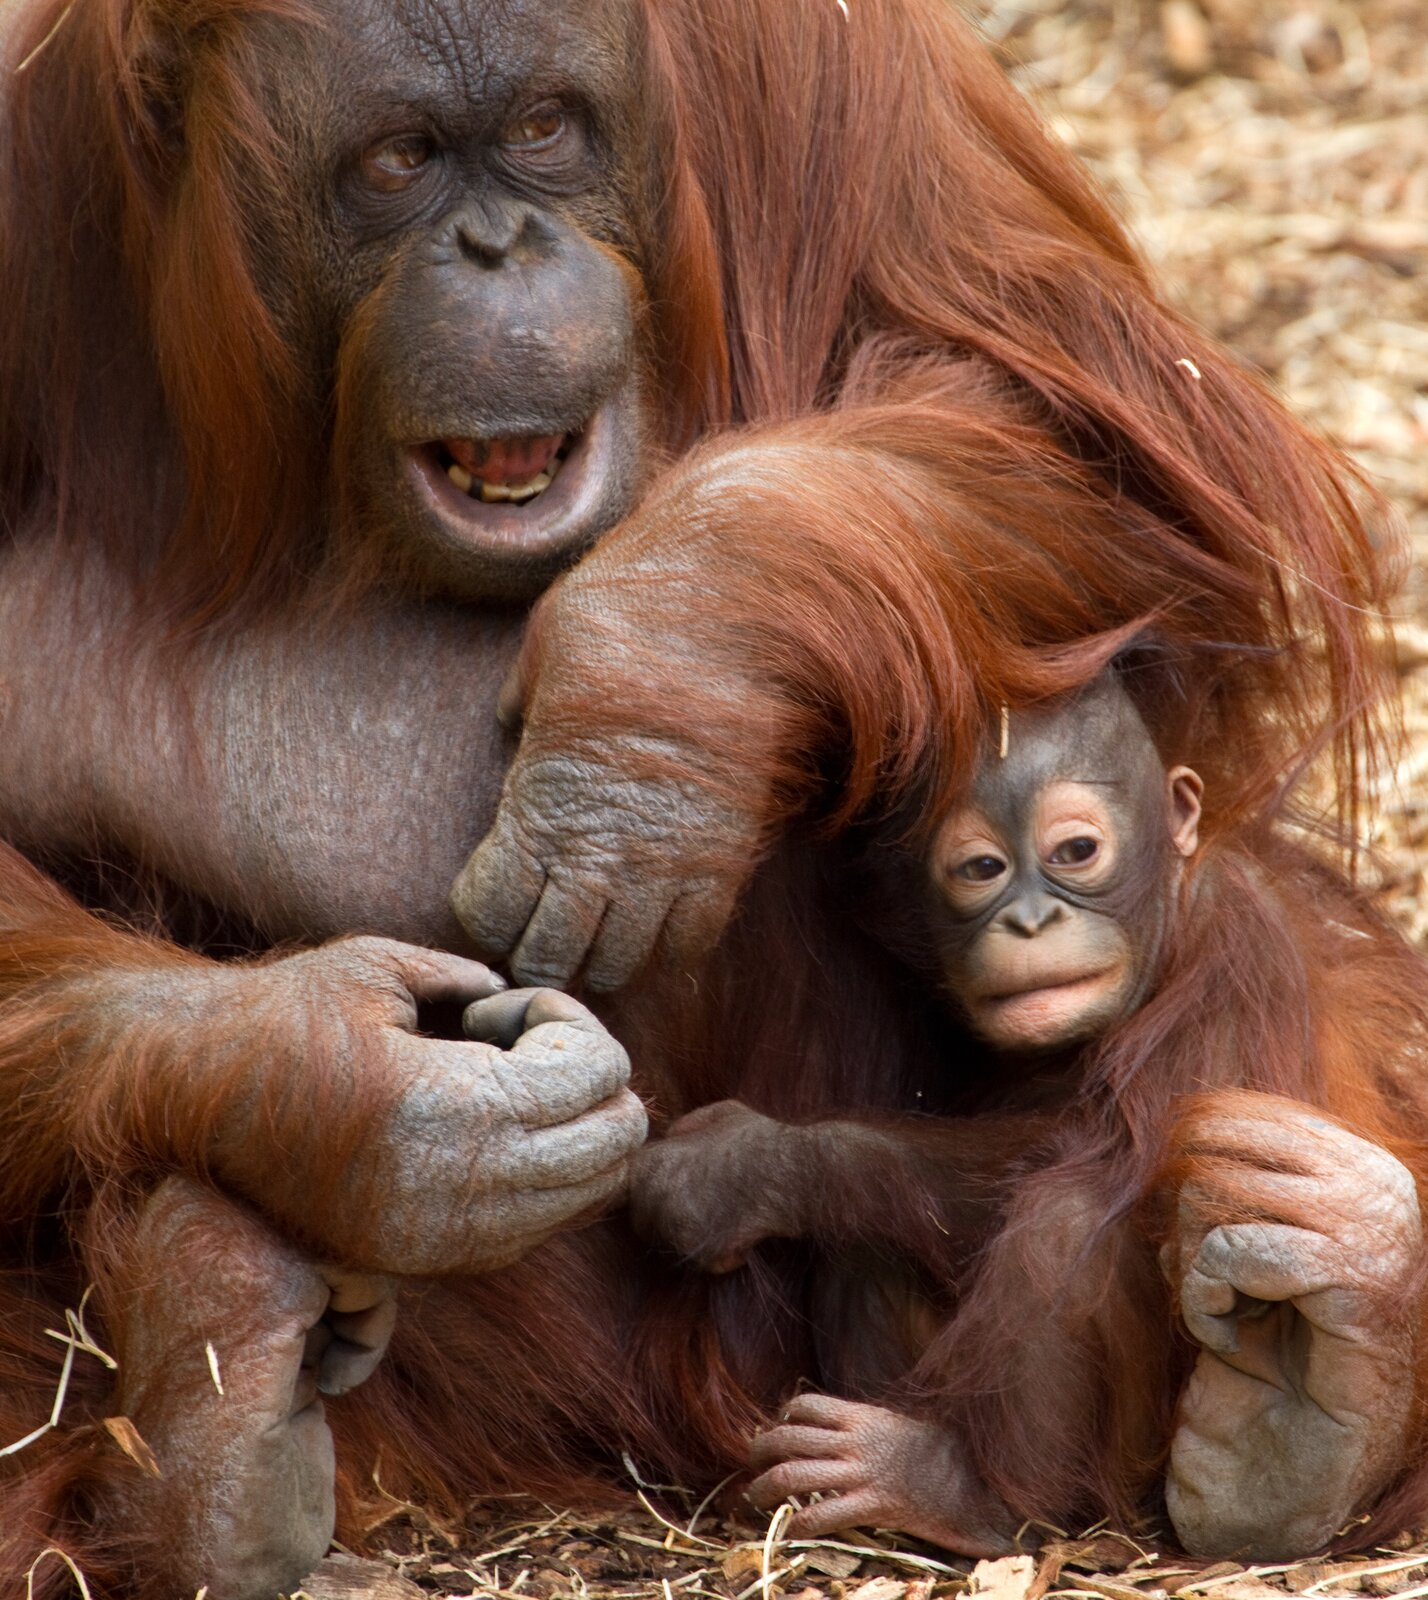 Fotografia przedstawia rudą samicę orangutana zdwoma młodymi. Samica siedzi wtrawie iprzygarnia młode do siebie długimi rękami. Maluchy orangutana trzymają się matki, ale rozglądają na boki.